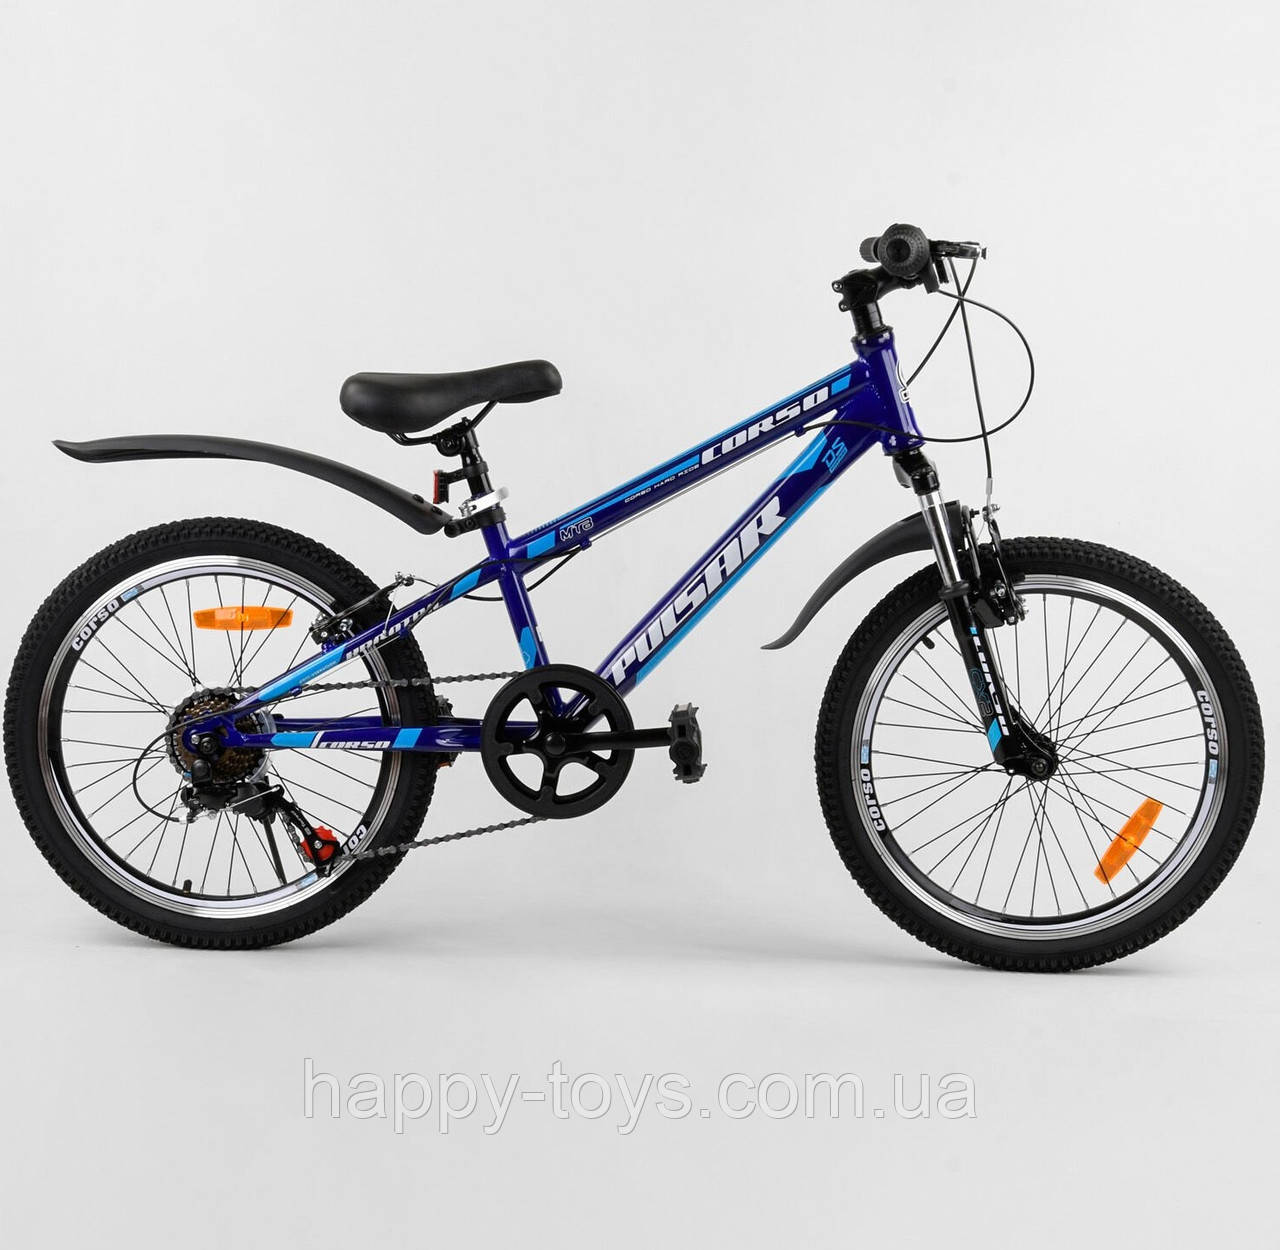 Детский спортивный велосипед для мальчика 20 дюймов Синий CORSO Pulsar метал рама 7 скоростей